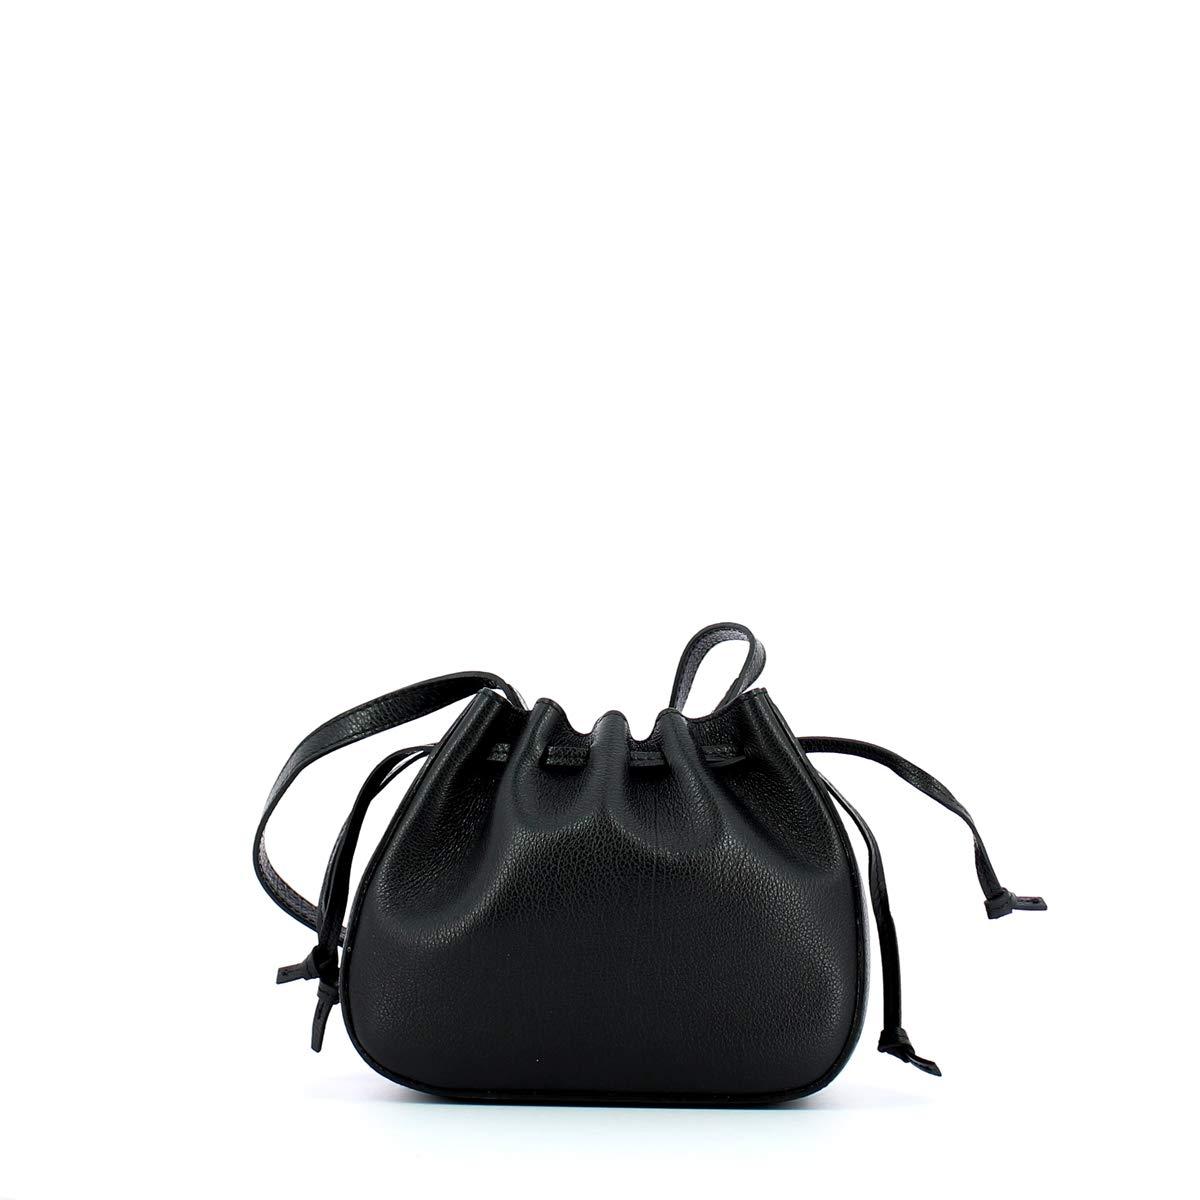 6ff0f95ac0776 Coccinelle Antiope Minibag aus Leder B07PFYZFSY B07PFYZFSY B07PFYZFSY  Clutches ad5188